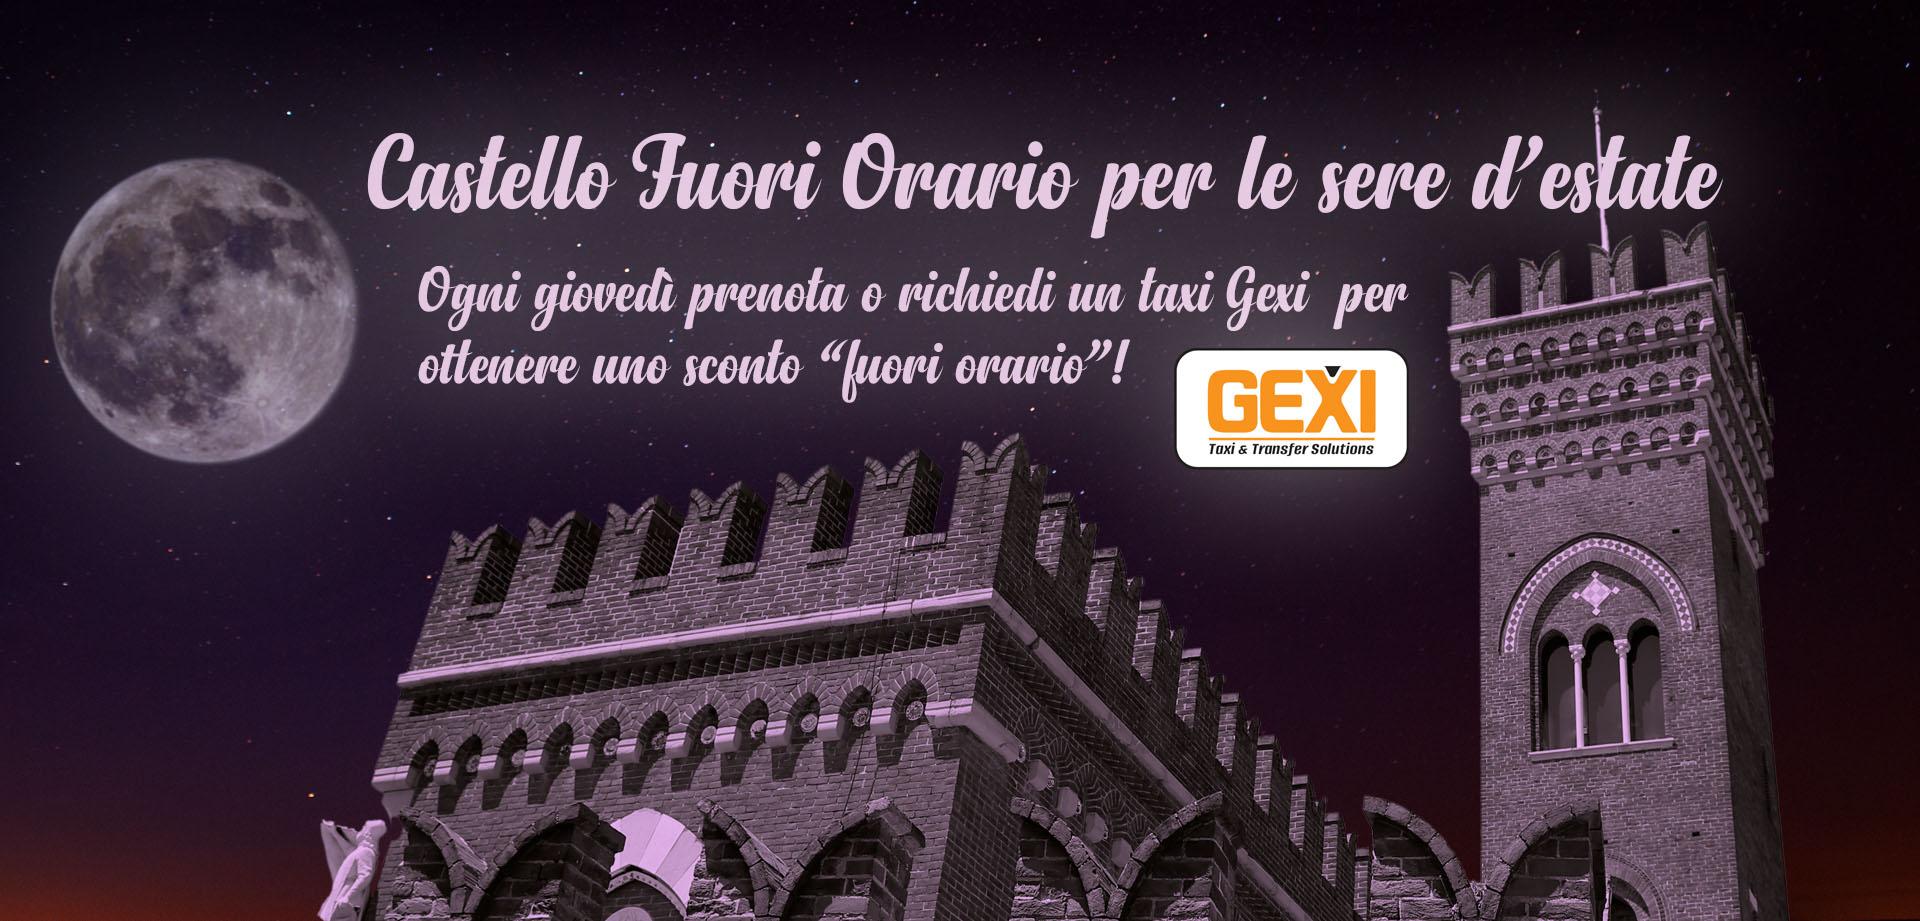 Castello de Albertis - Partnership Gexi taxi